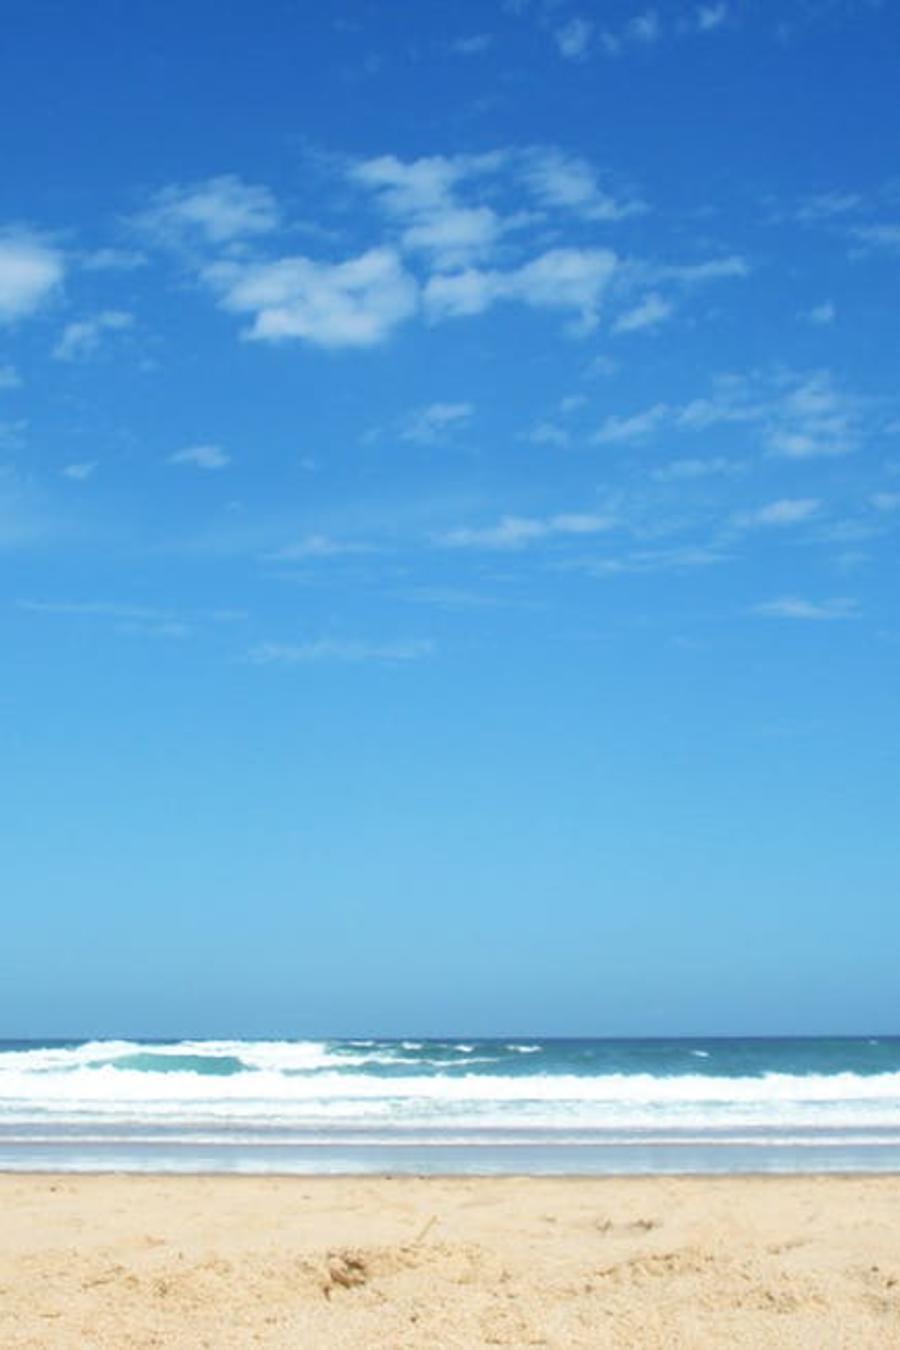 cielo en la playa